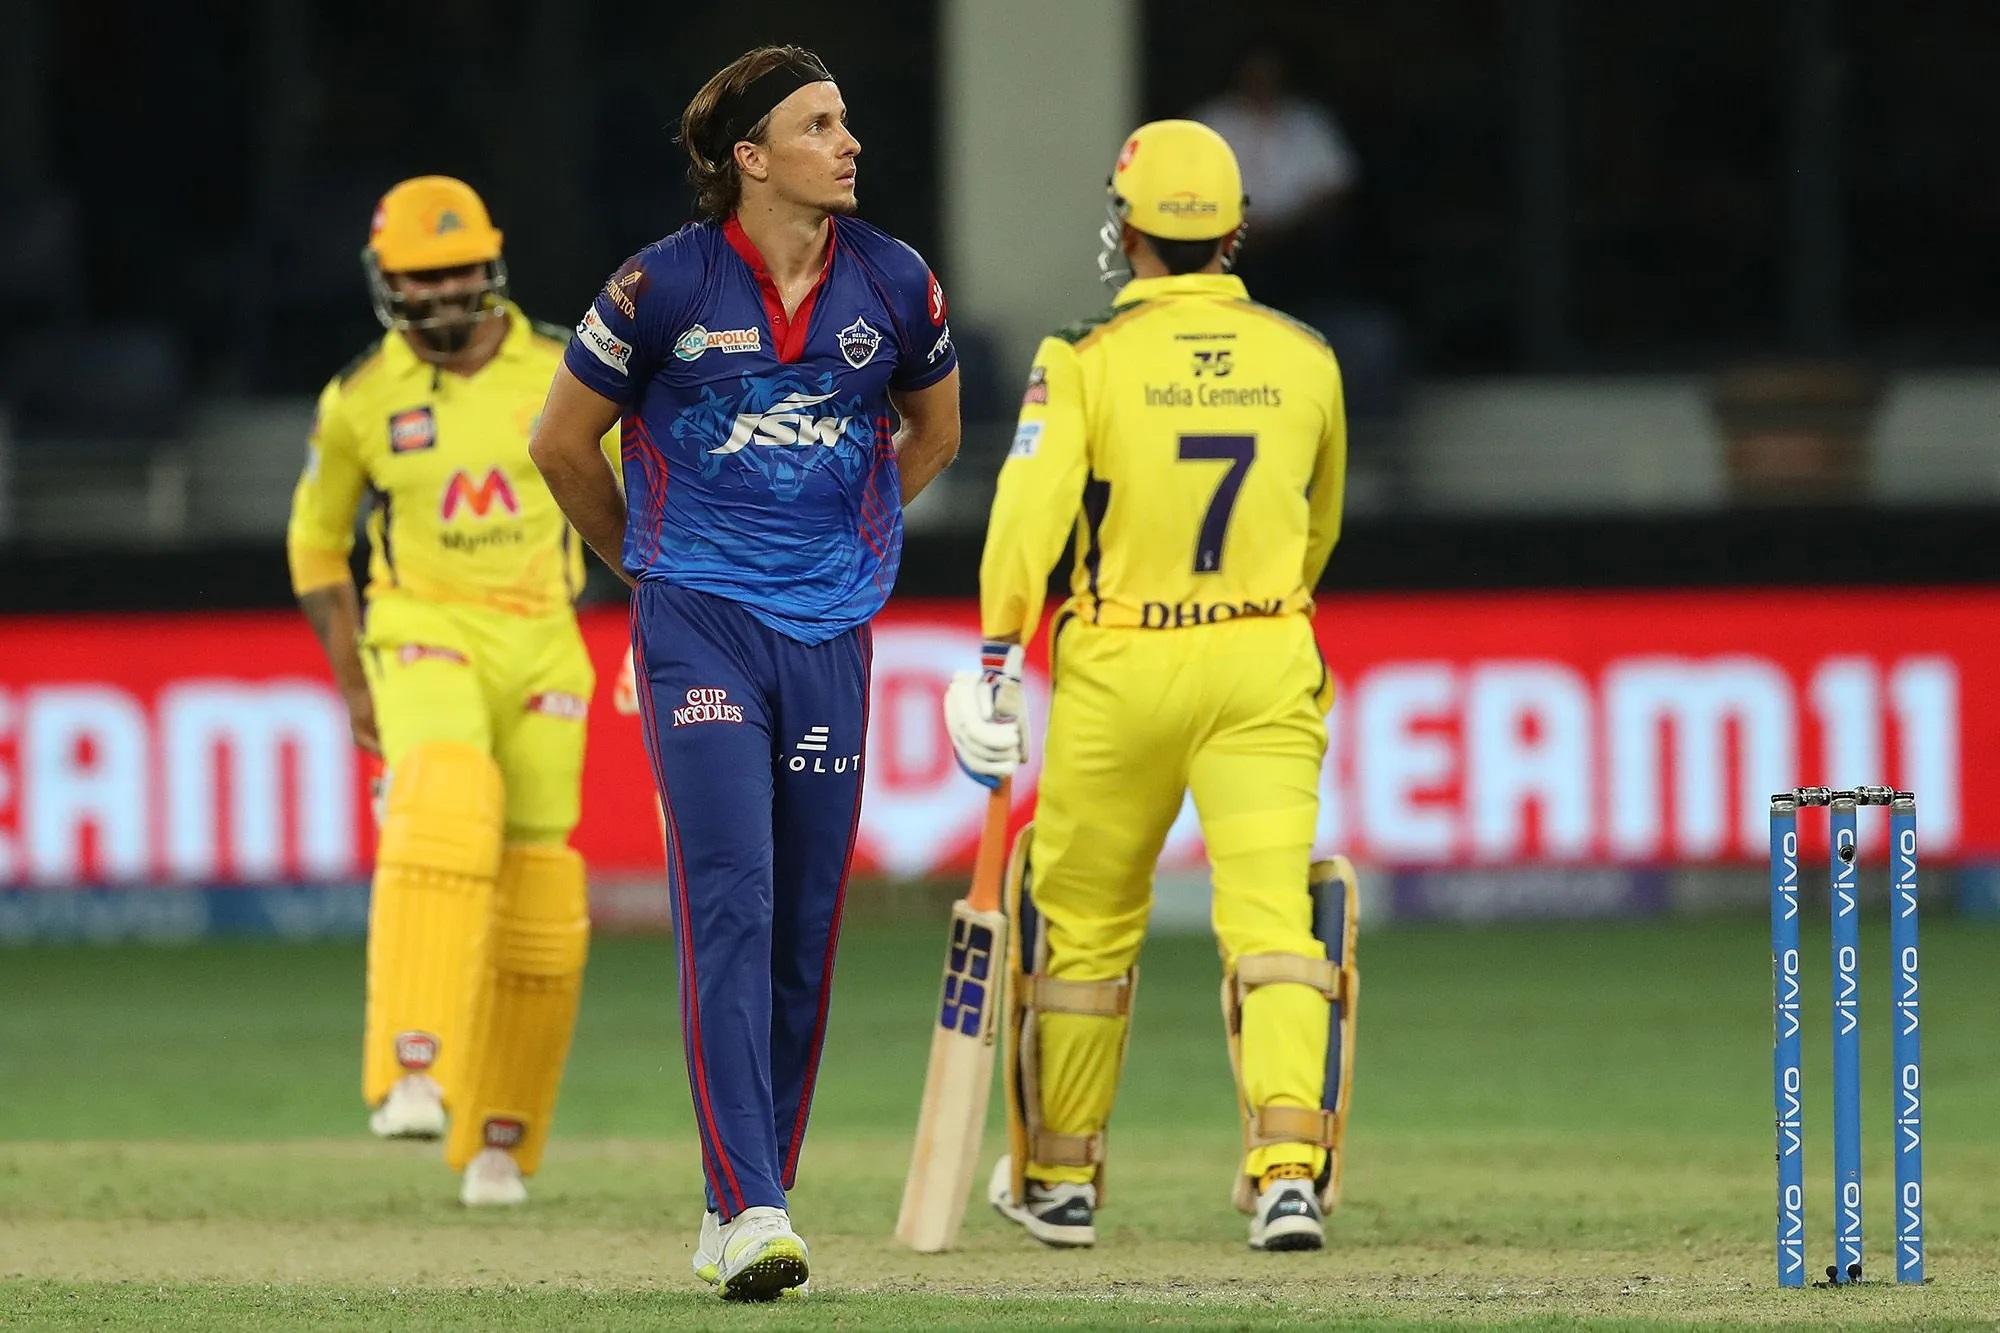 20वें ओवर में सबको उम्मीद थी कि 13 रन चाहिए तो कगिसो रबाड़ा ही बॉलिंग करेंगे, लेकिन पंत ने एक चौंकाने वाला फैसला किया। उन्होंने अपना पहला मैच खेल रहे टॉम करन को गेंद थमा दी। स्ट्राइक एंड पर मोइन अली खड़े थे। पहली गेंद पर मोइन ने ऑन साइड पर पुल के अंदाज में एक स्ट्रोक तो लगाया मगर गेंद सीधे फील्डर के हाथ में गई। मोइन अली आउट हो गए। उधर स्टेडियम बच्ची दहाड़े मार-मार कर रोने लगी। इस IPL में पहली बार स्टेडियम में एक अम्मा को आंखे बंदकर के हाथ जोड़कर भगवान से धोनी को जीताने के लिए प्रर्थना करते हुए भी देखा गया।